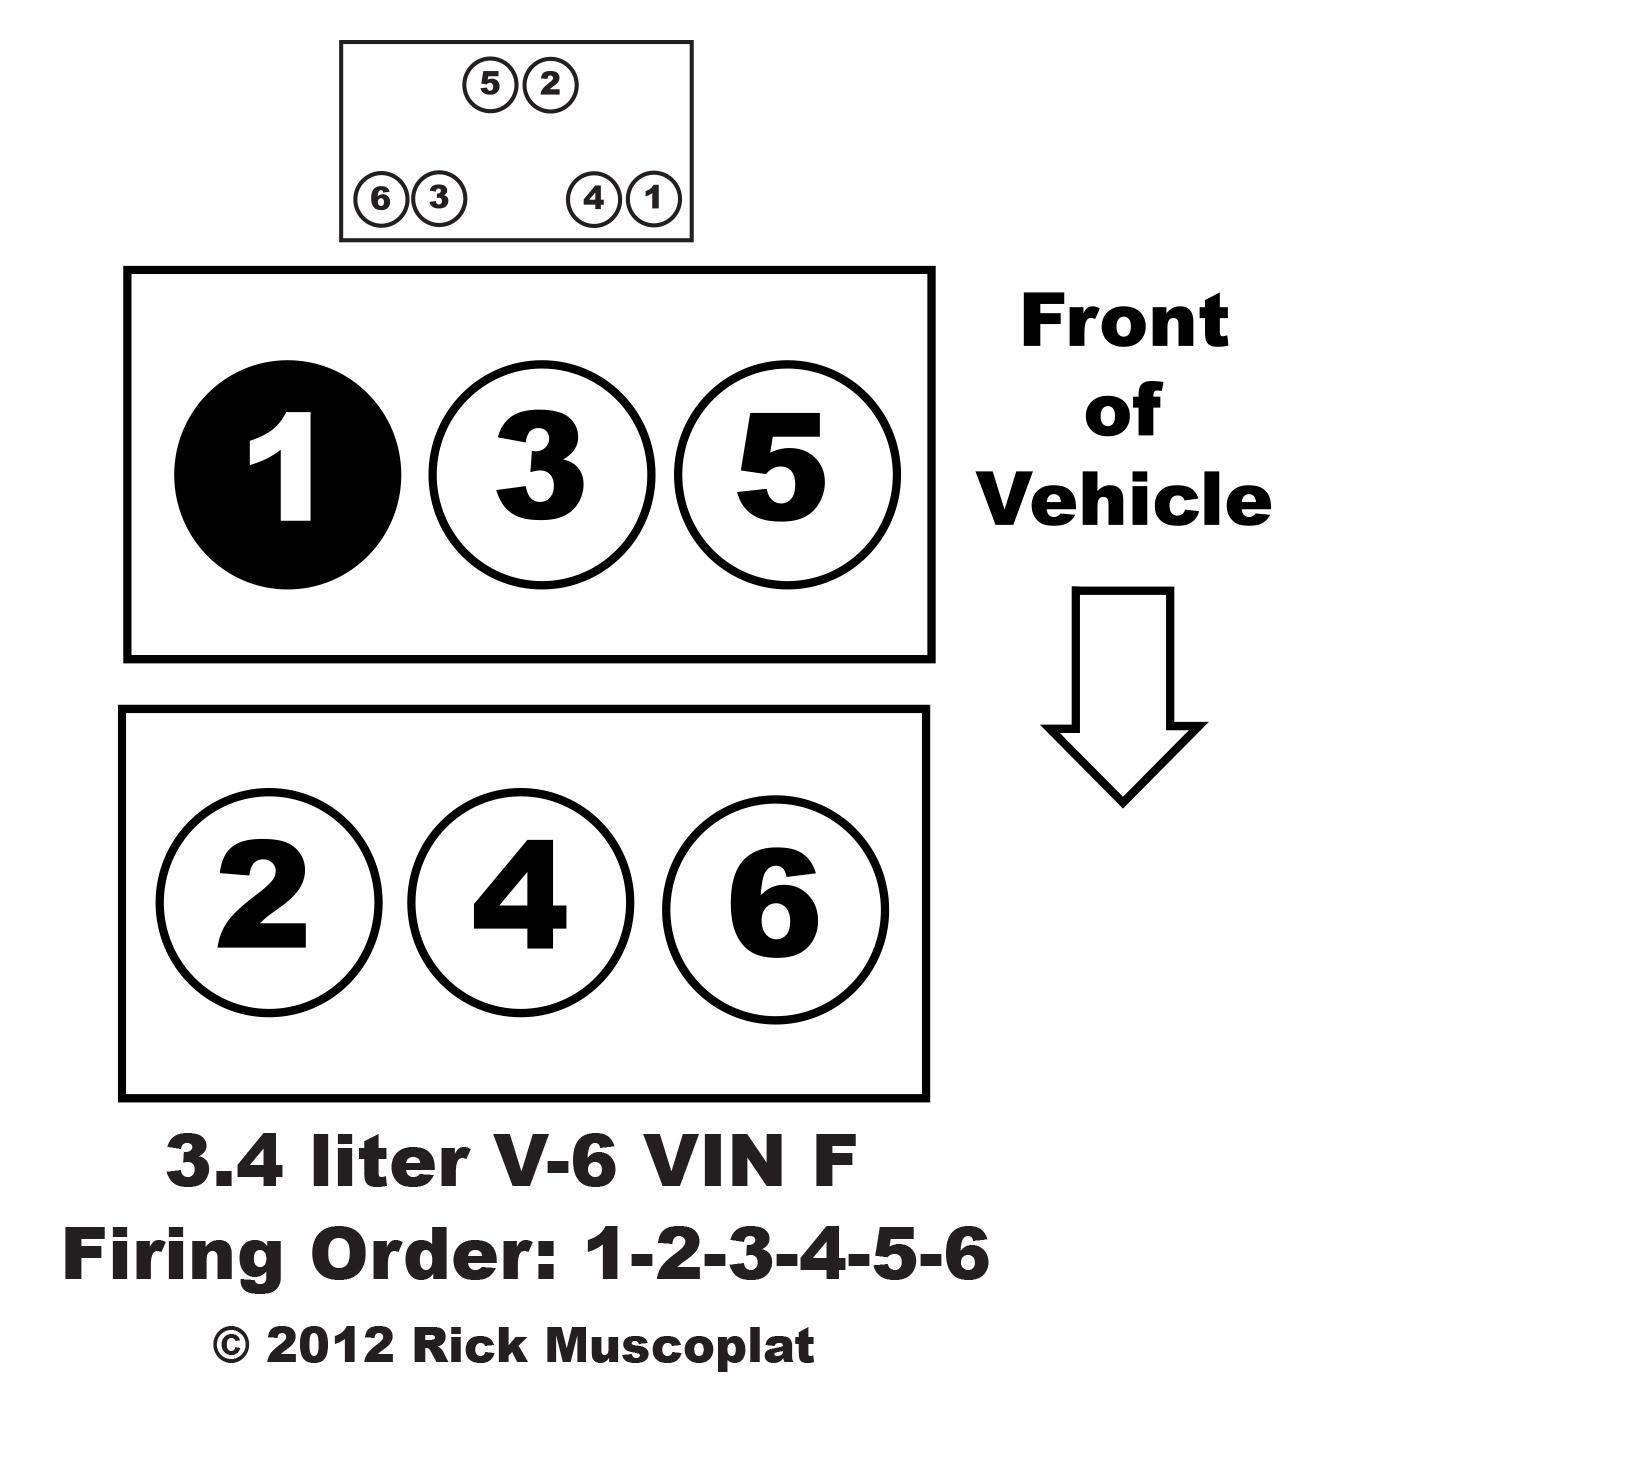 hight resolution of 3 4 v 6 vin f firing order